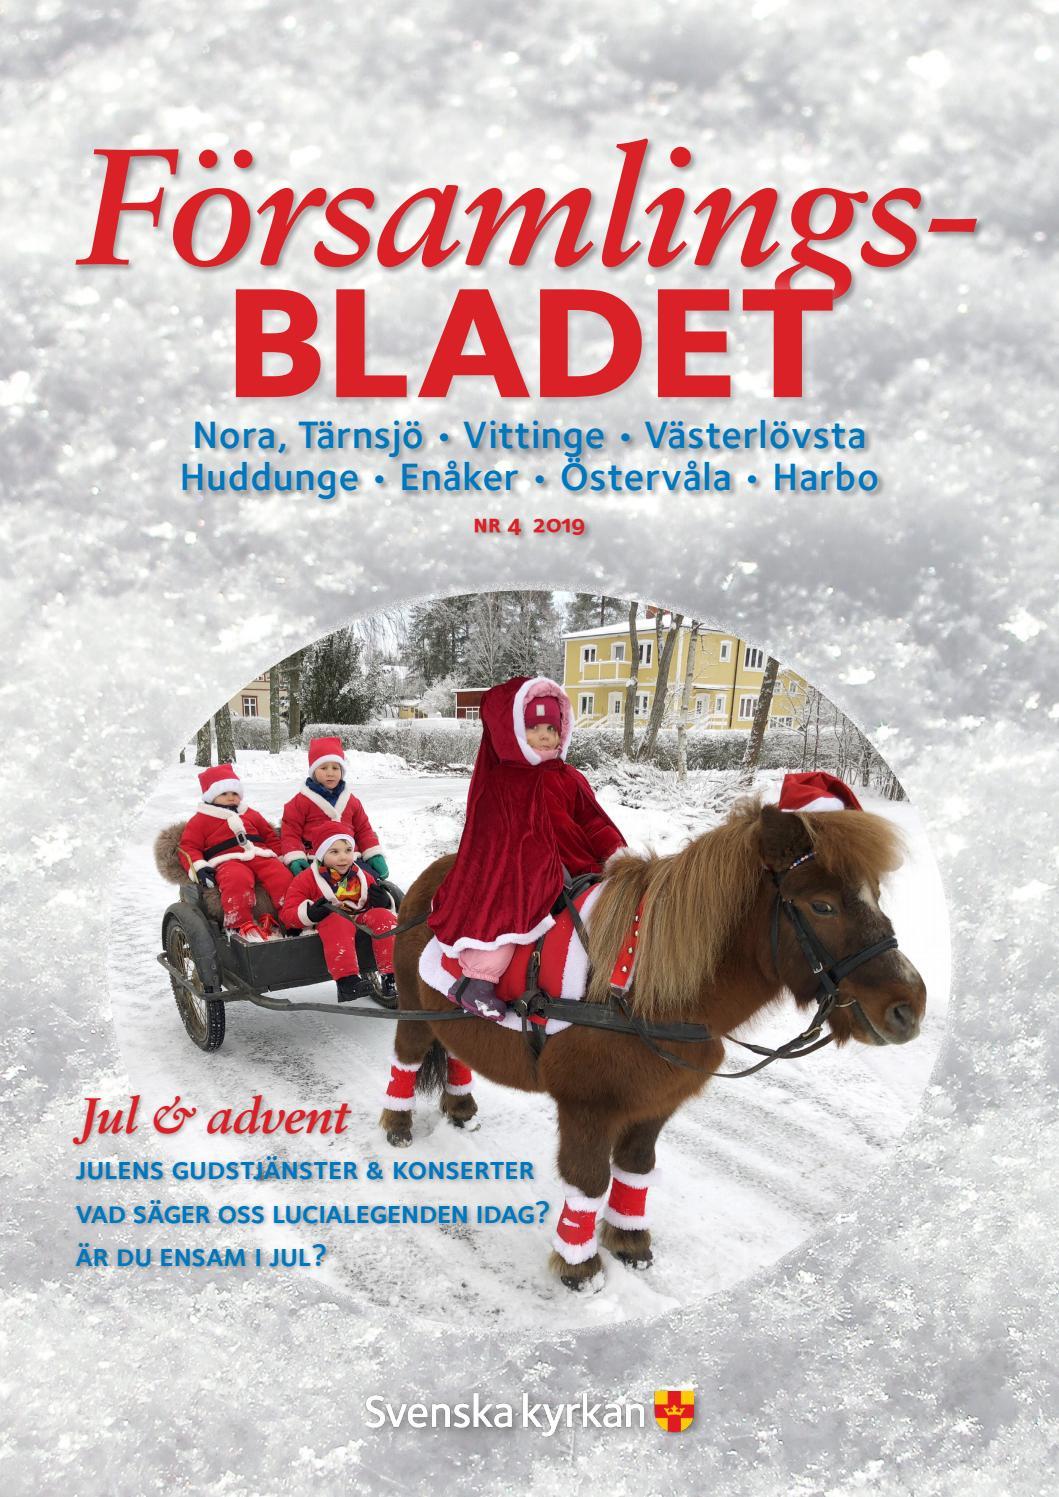 Vittinge frsamling Vsterlvsta pastorat - Svenska kyrkan